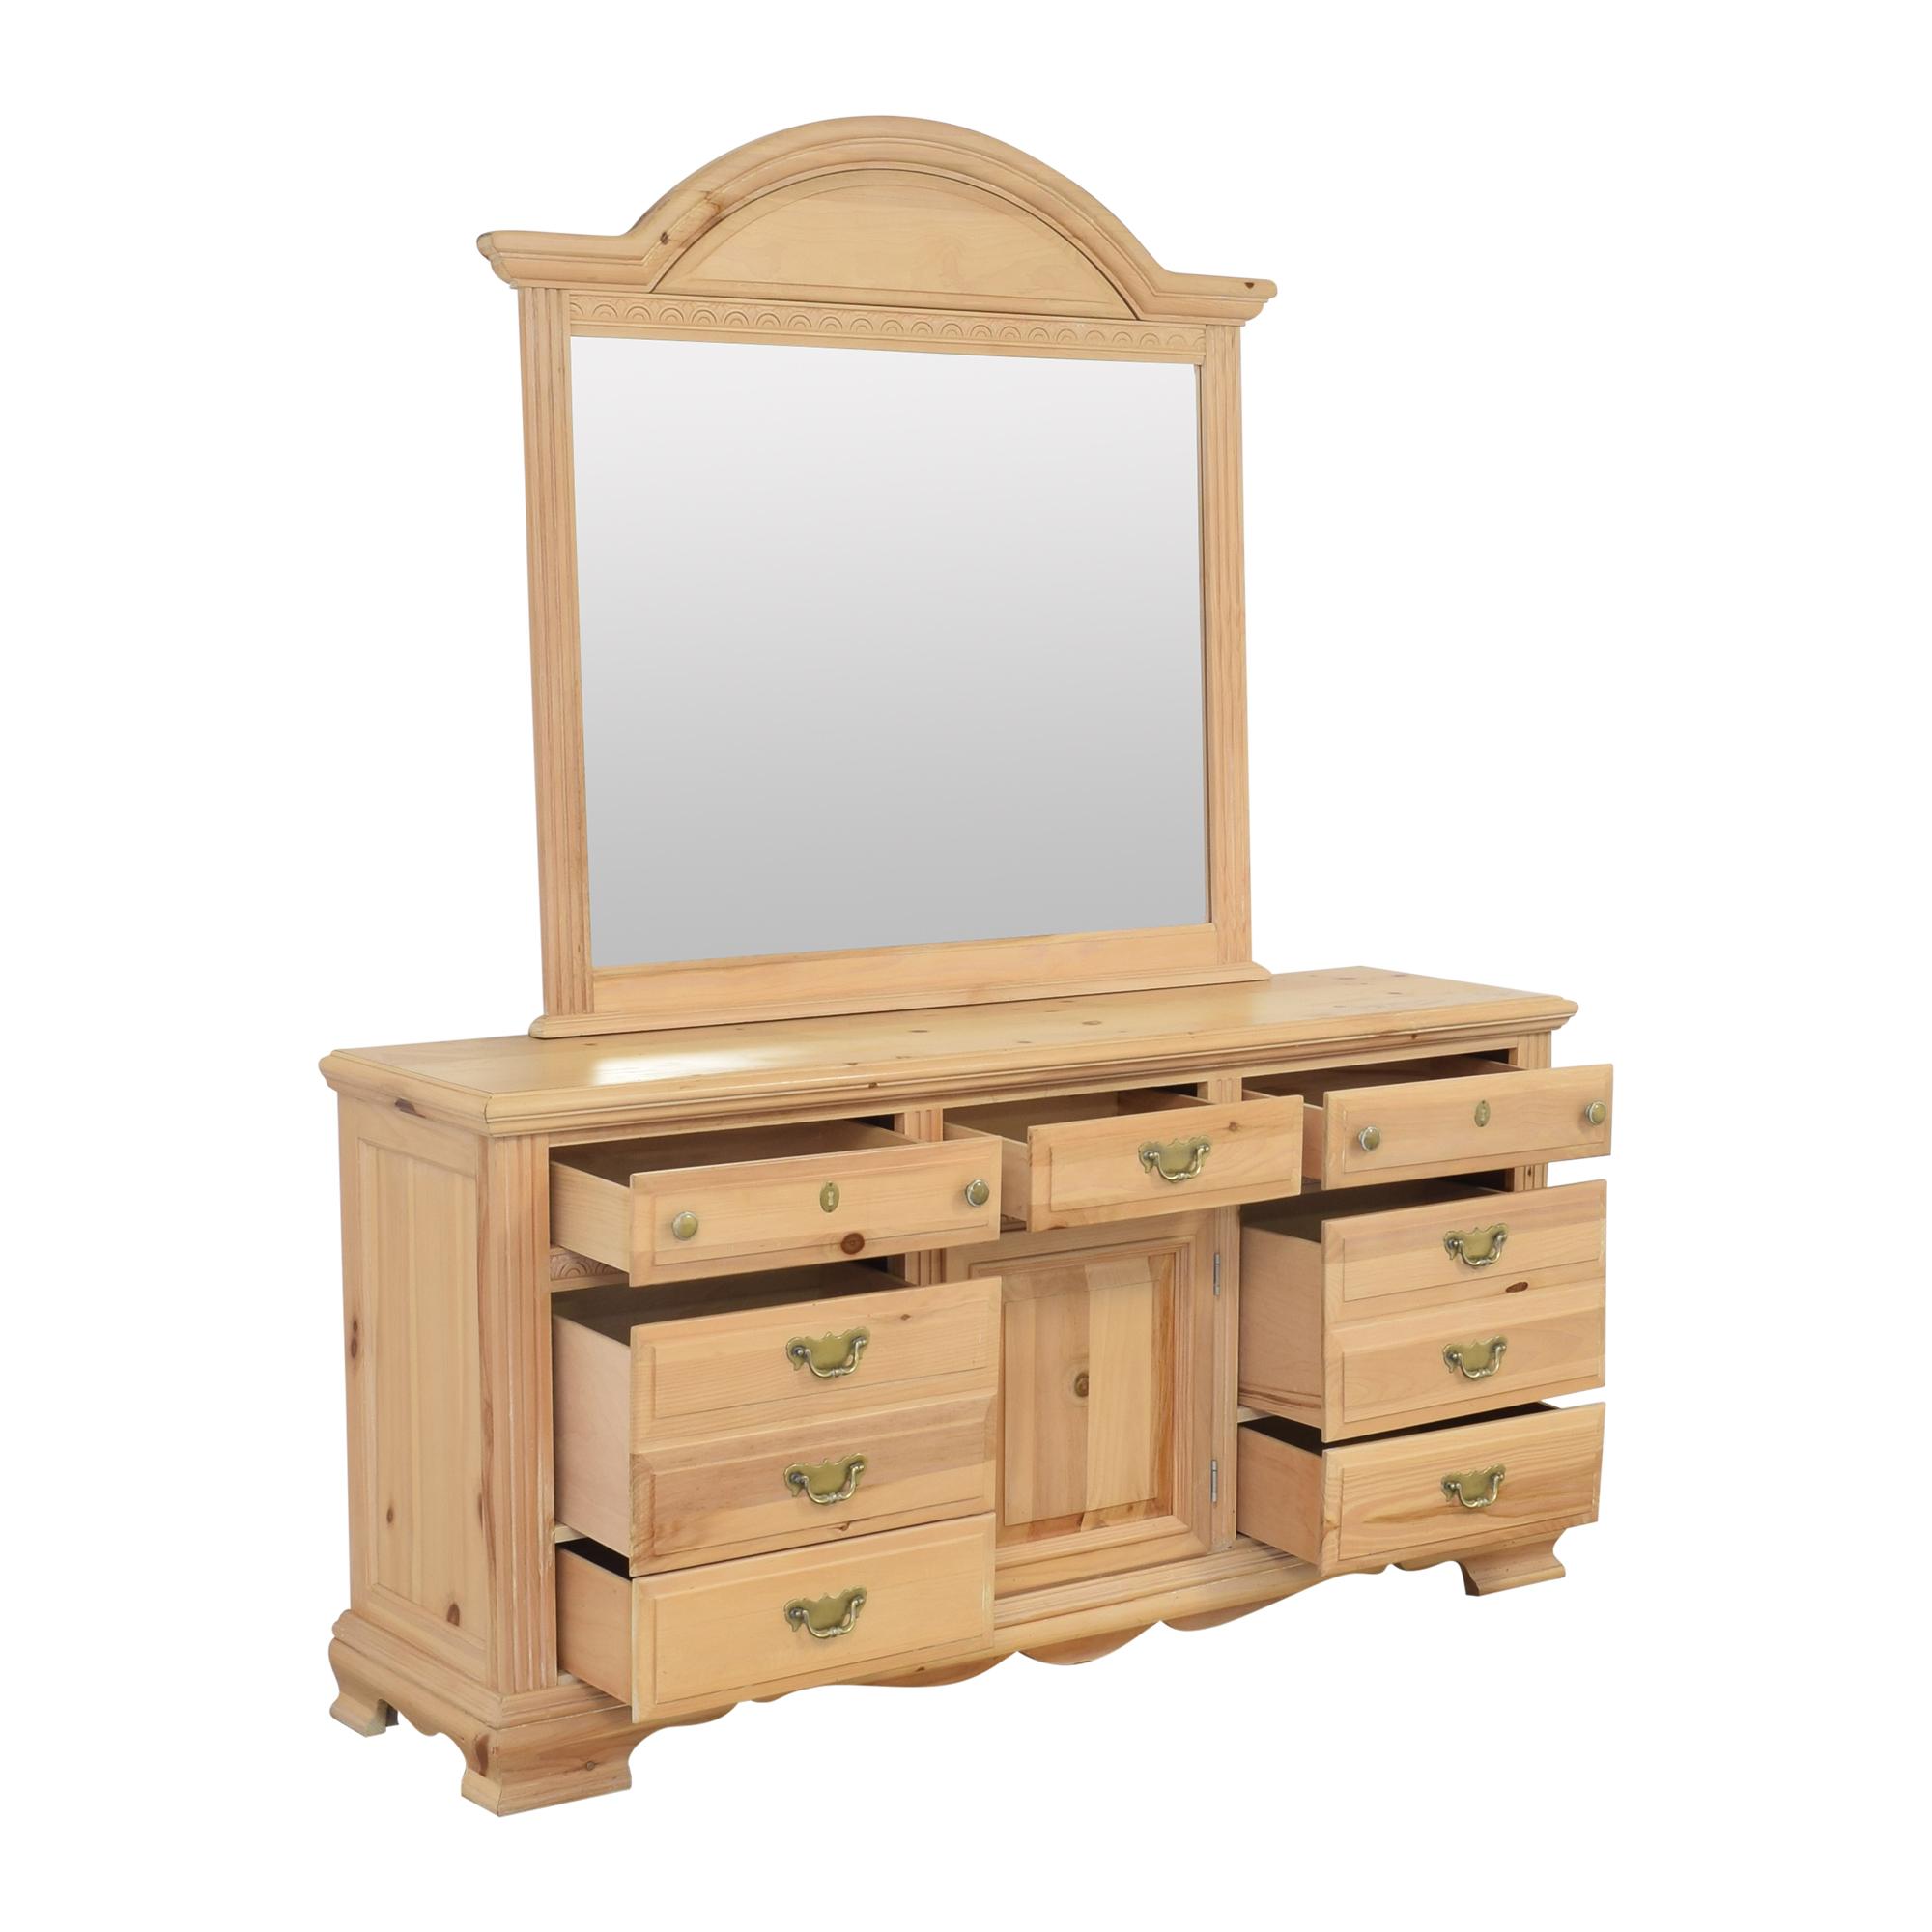 Nine Drawer Dresser with Mirror second hand